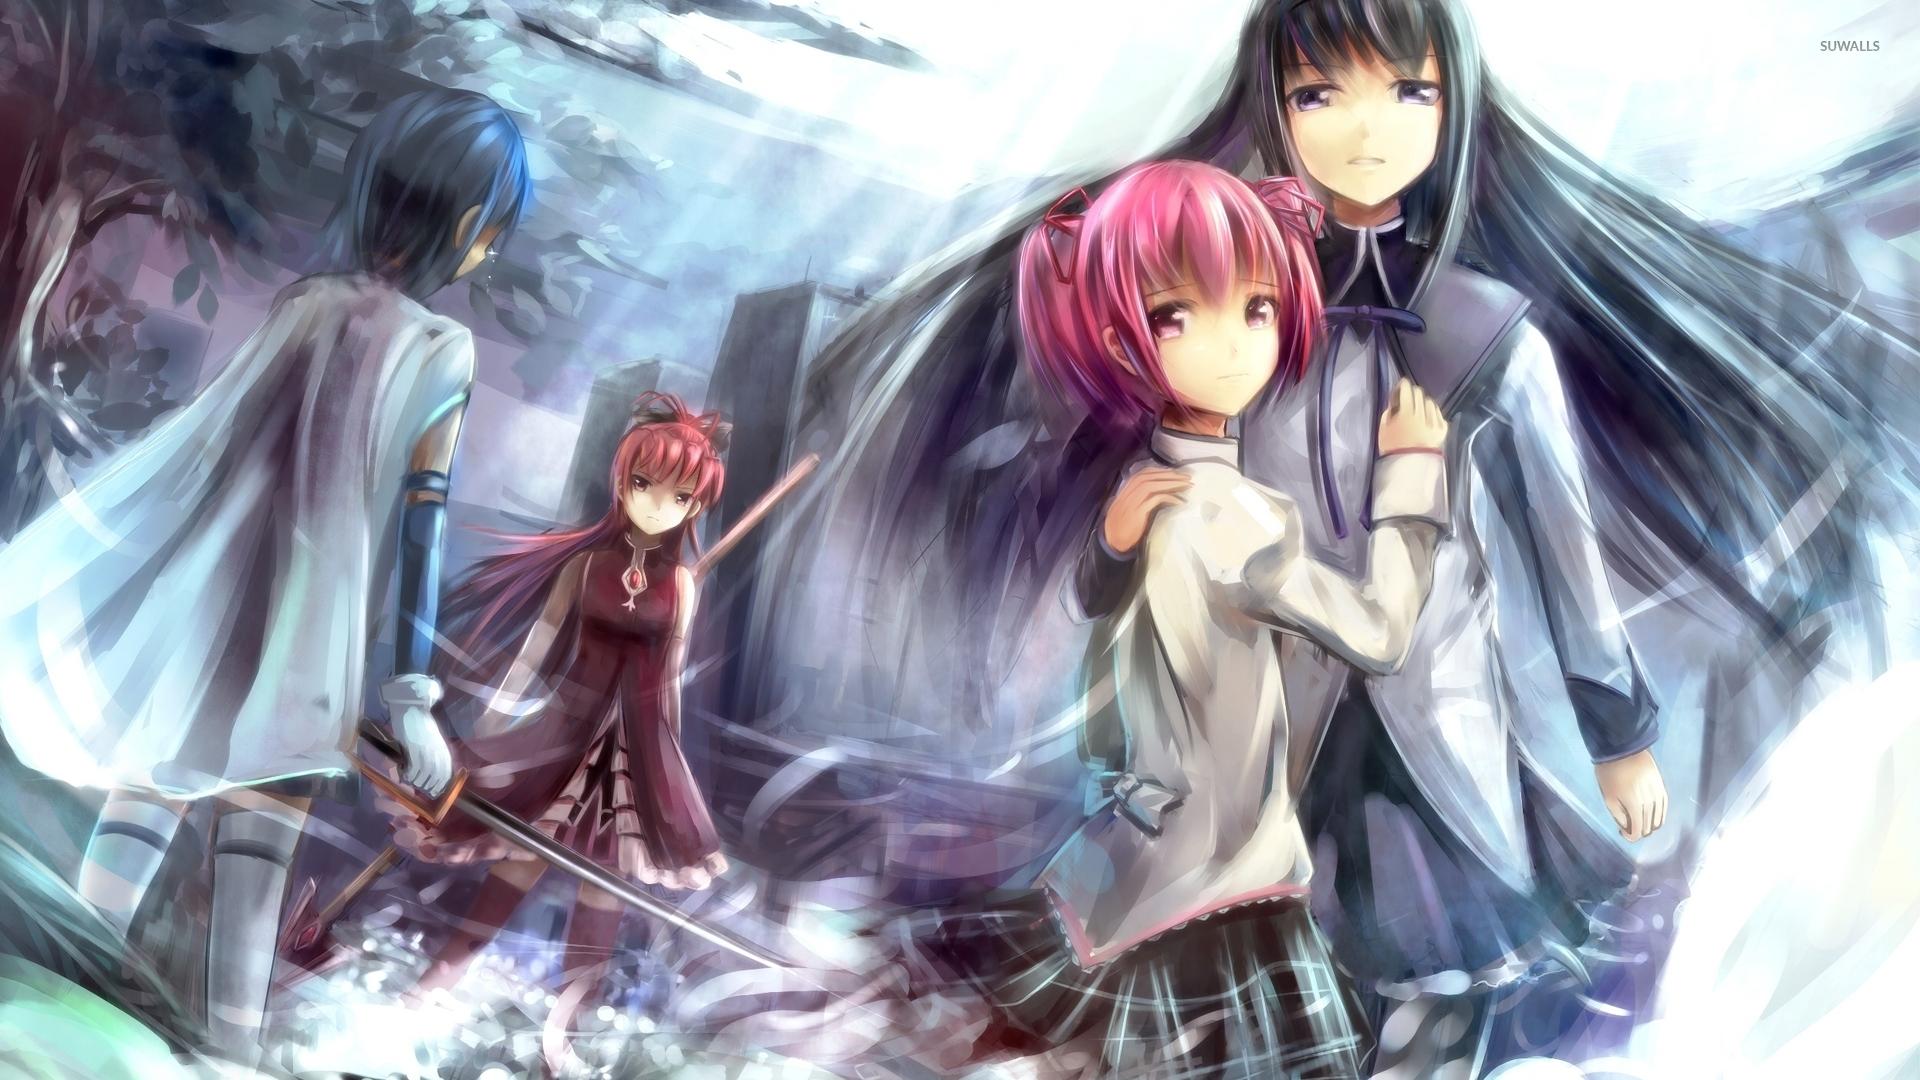 Puella Magi Madoka Magica [5] wallpaper - Anime wallpapers ...